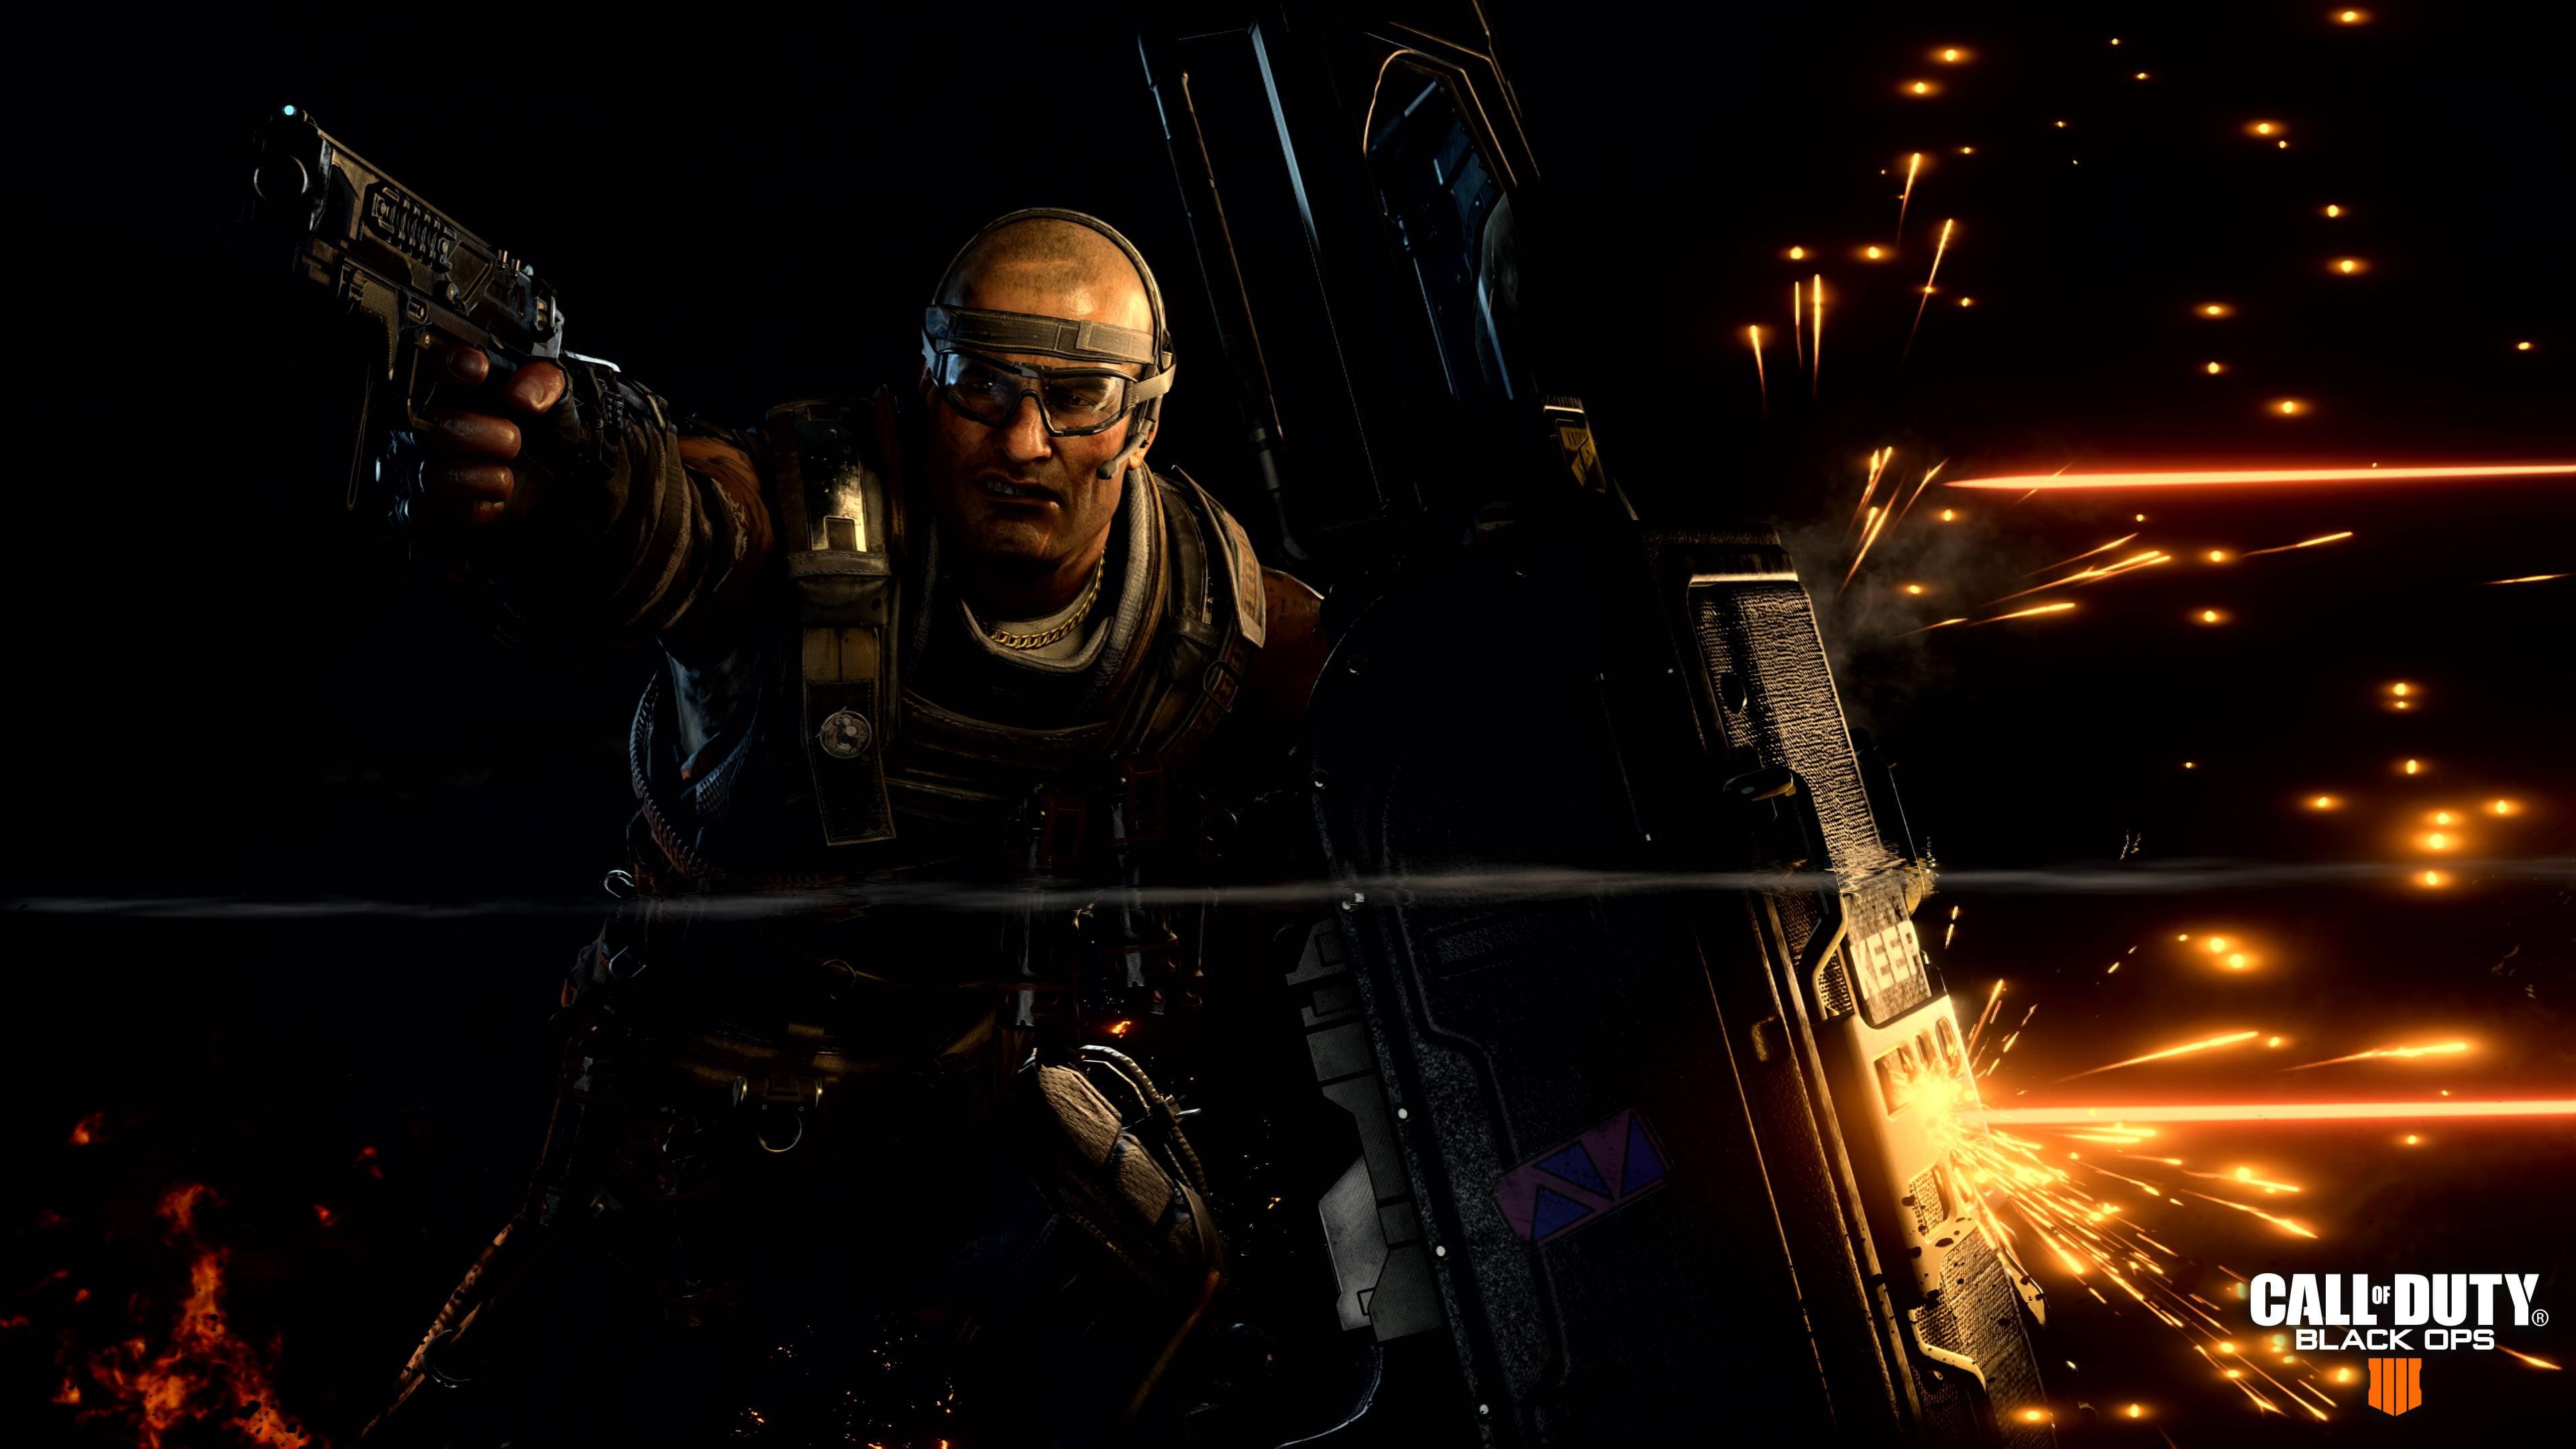 Call of Duty Black Ops 4 Playstation 4 ly at Wal Mart Walmart